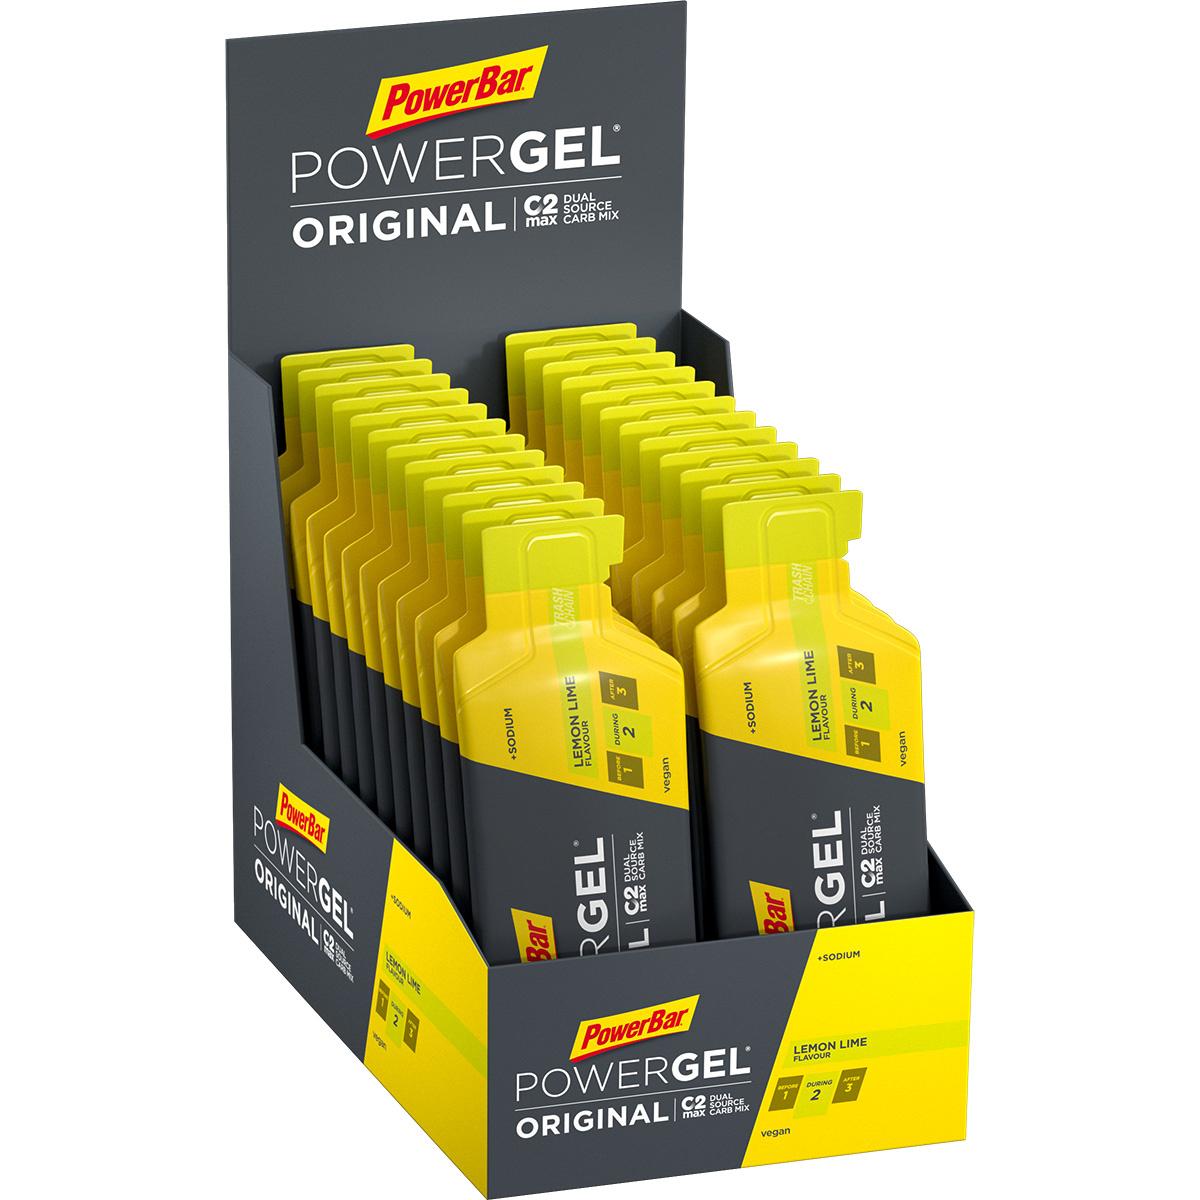 PowerBar PowerGel Original - Lemon Lime-2